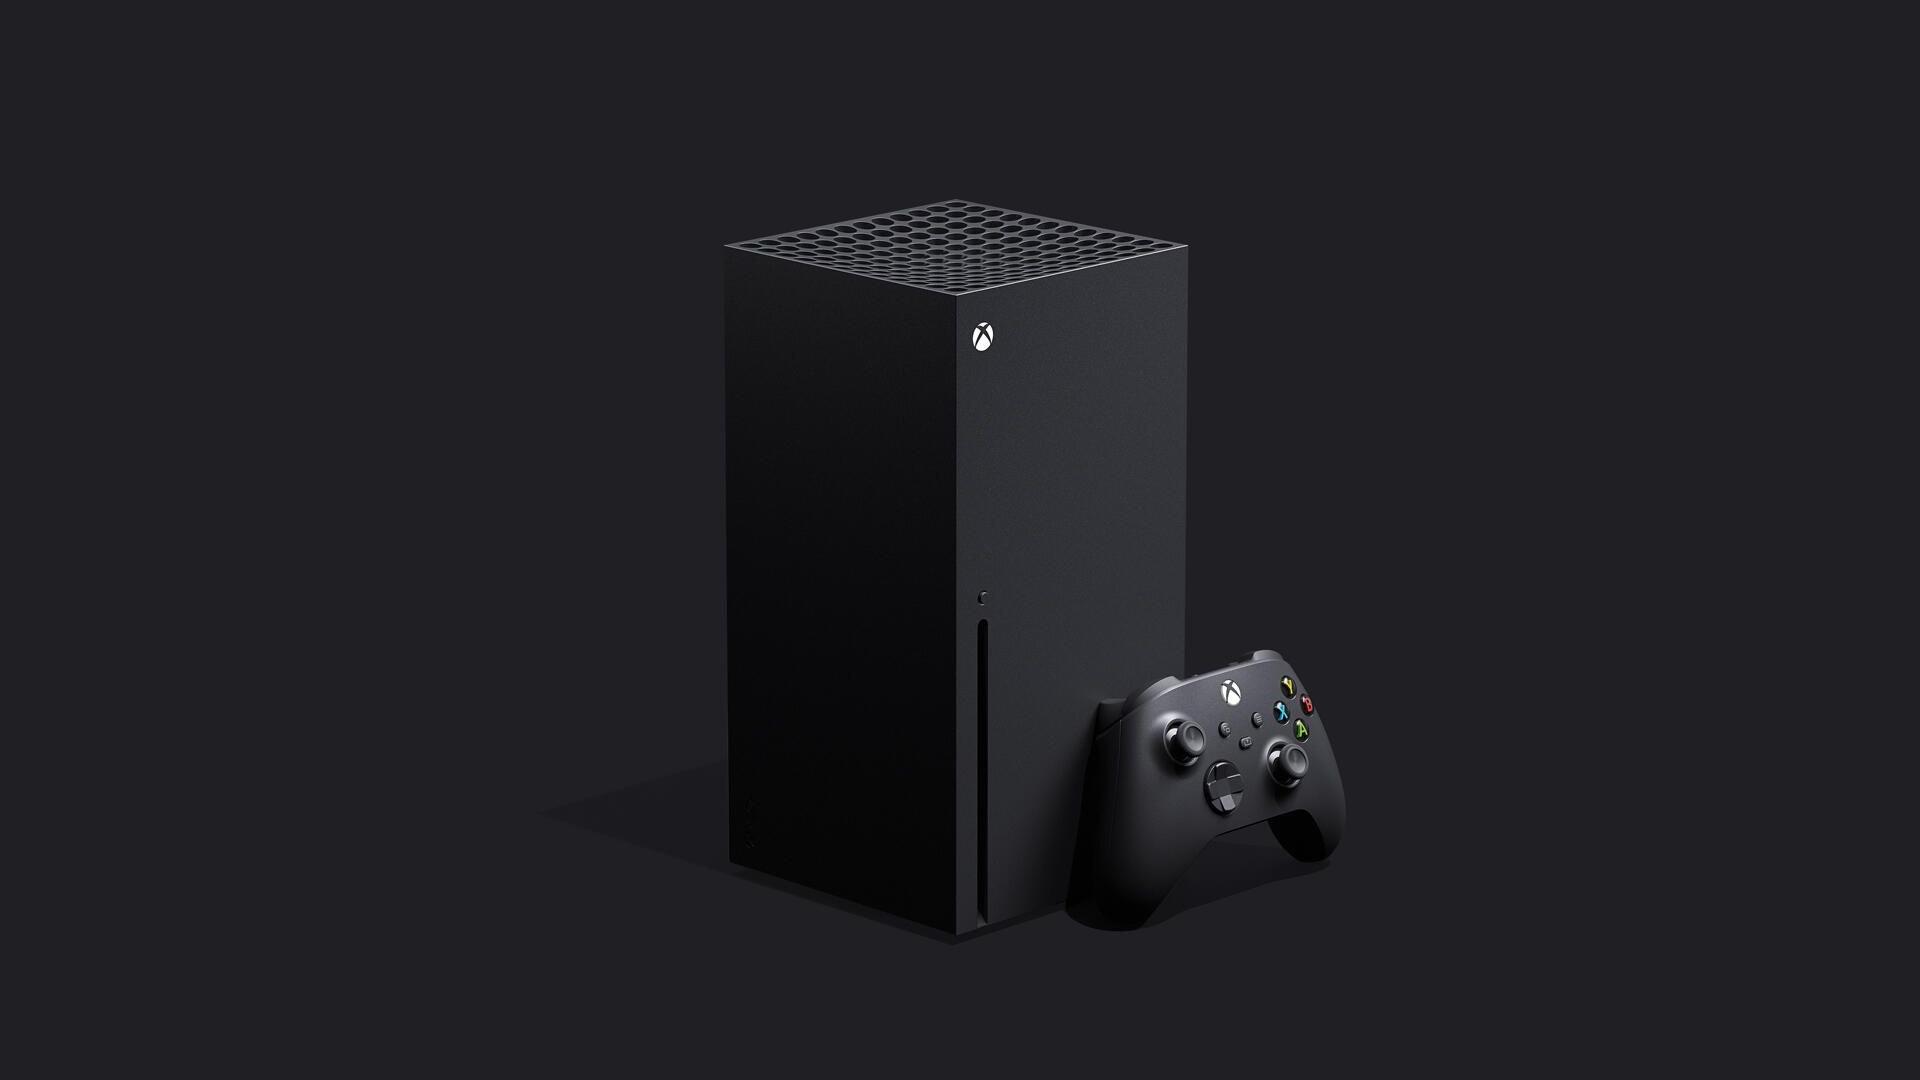 Xbox Series hd desktop wallpaper